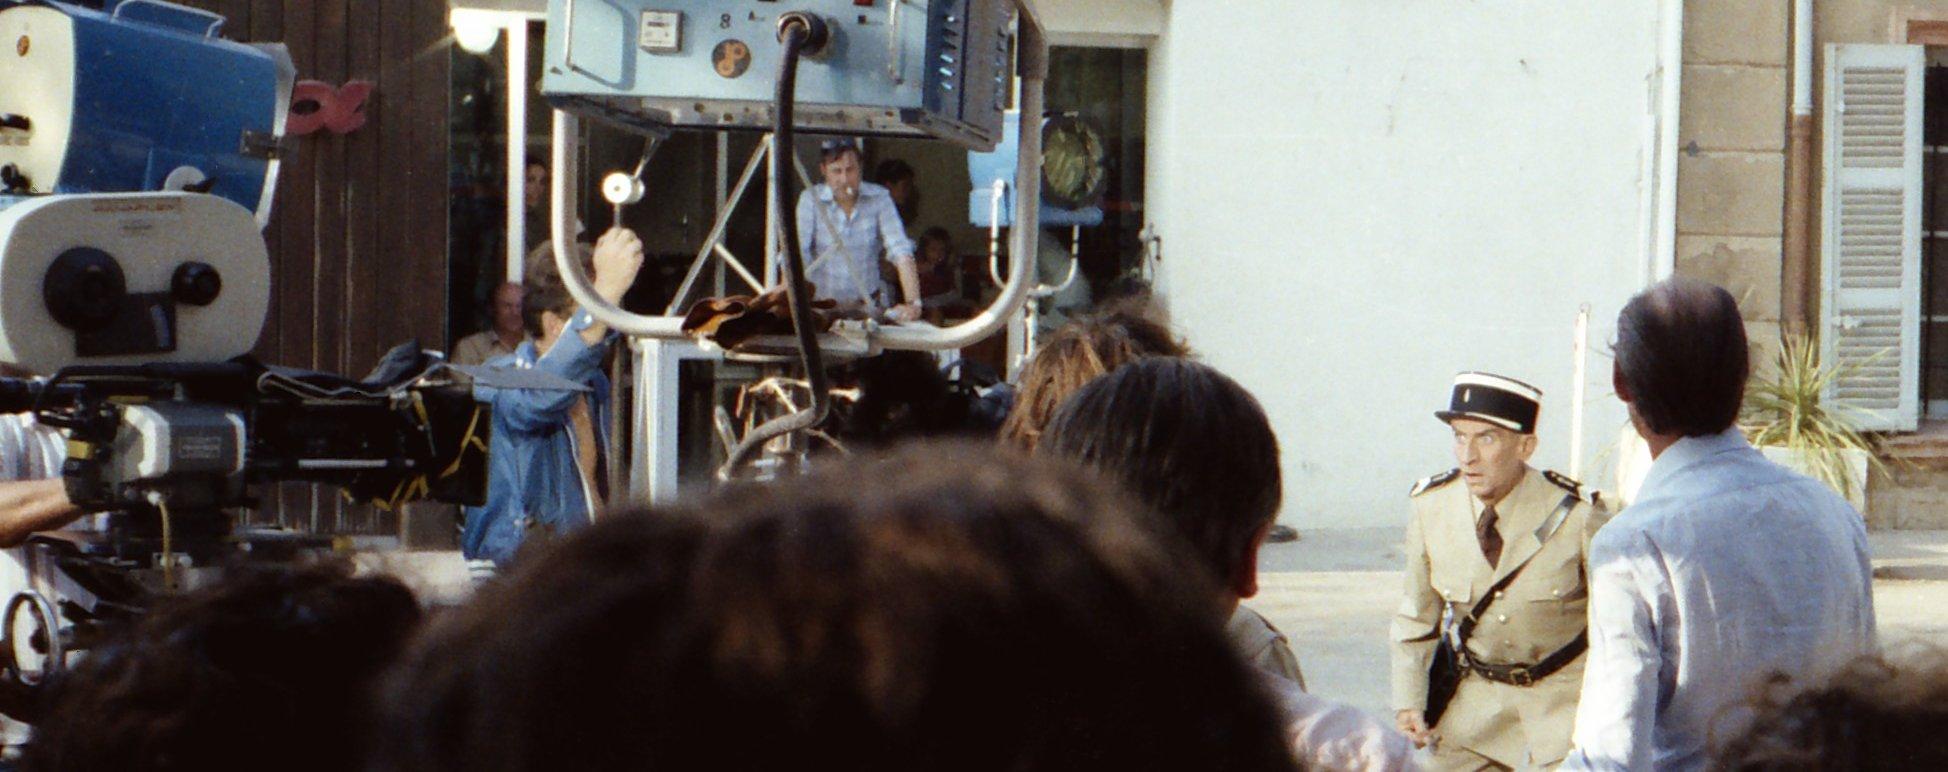 Louis de Funès — Tournage Le Gendarme et les Extra-terrestres — Saint-Tropez, 1978.jpg